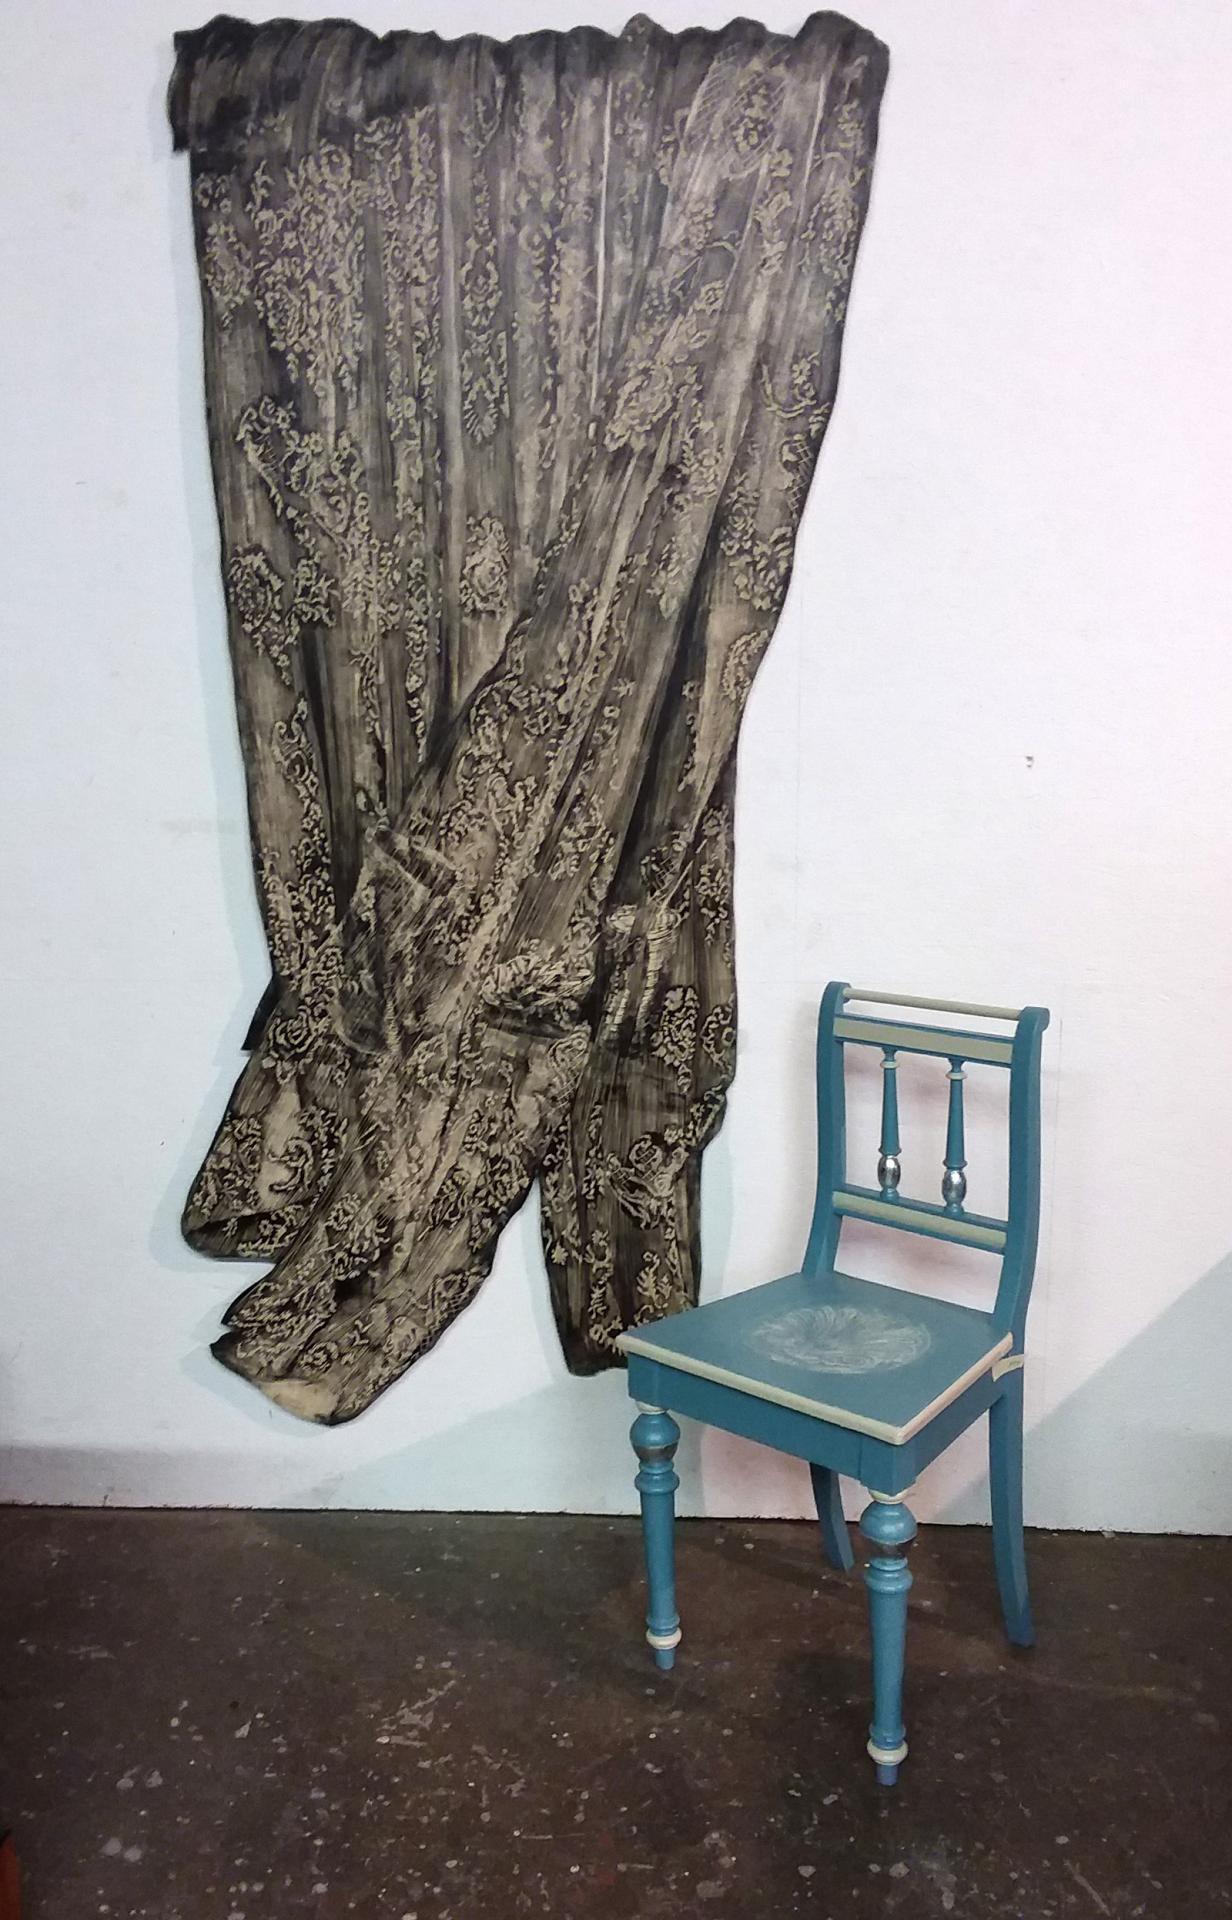 Stuhl blau-weiß-silberfarben, Linolschnitt (Gardine) Sabine Ostermann